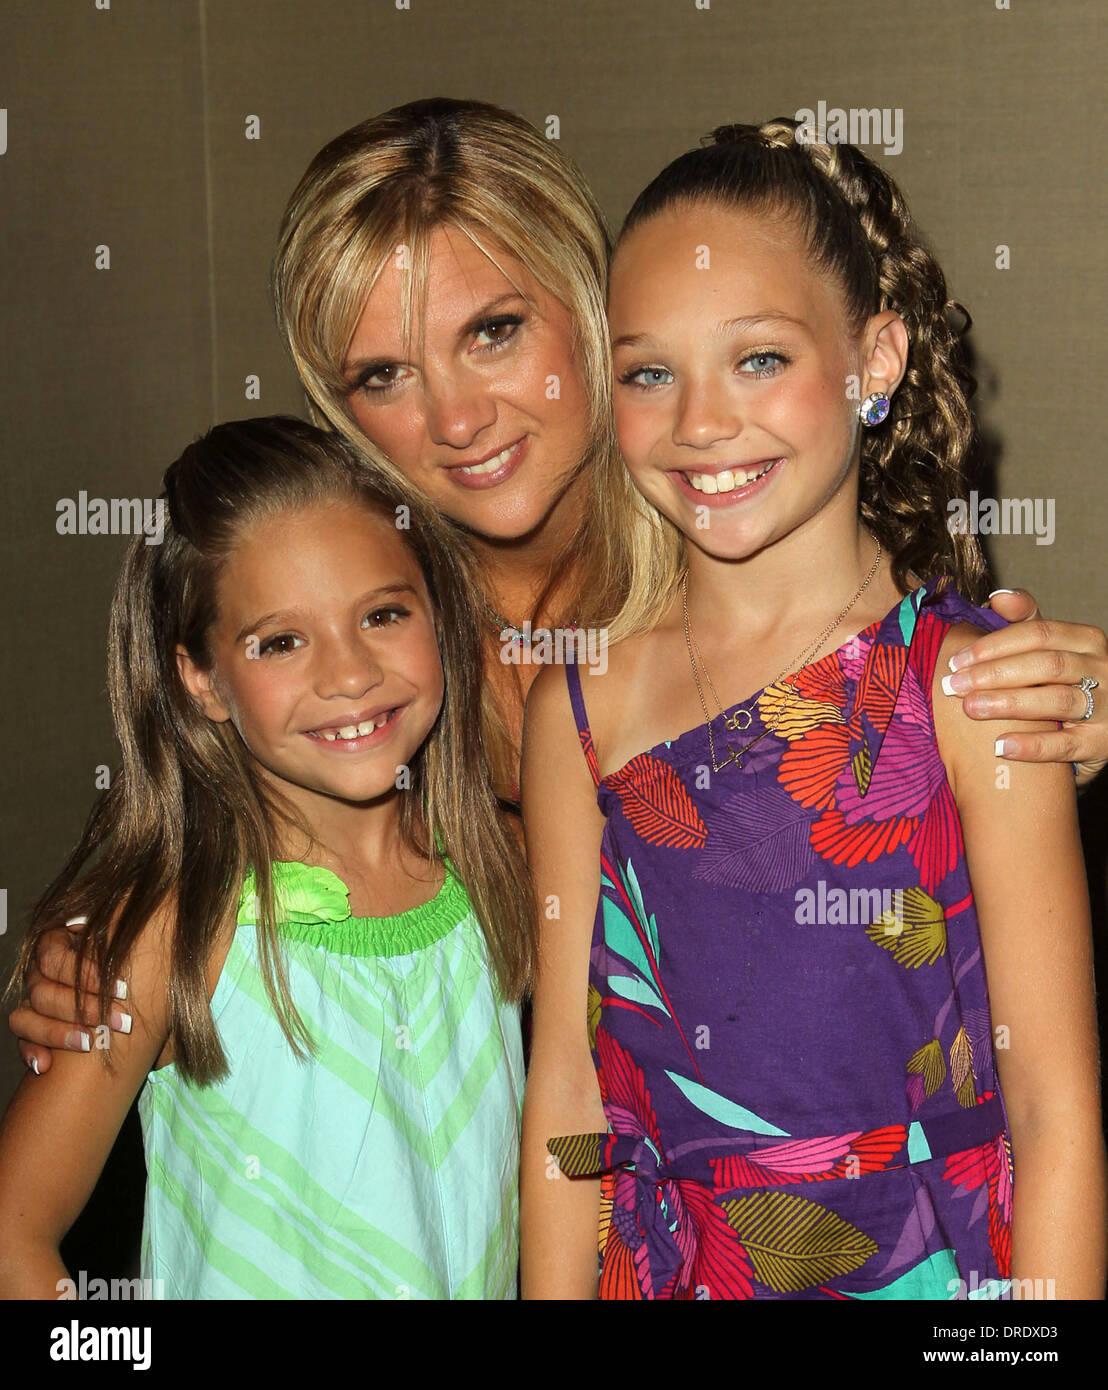 Melissa Ziegler Mackenzie Ziegler And Maddie Ziegler In Dance Moms